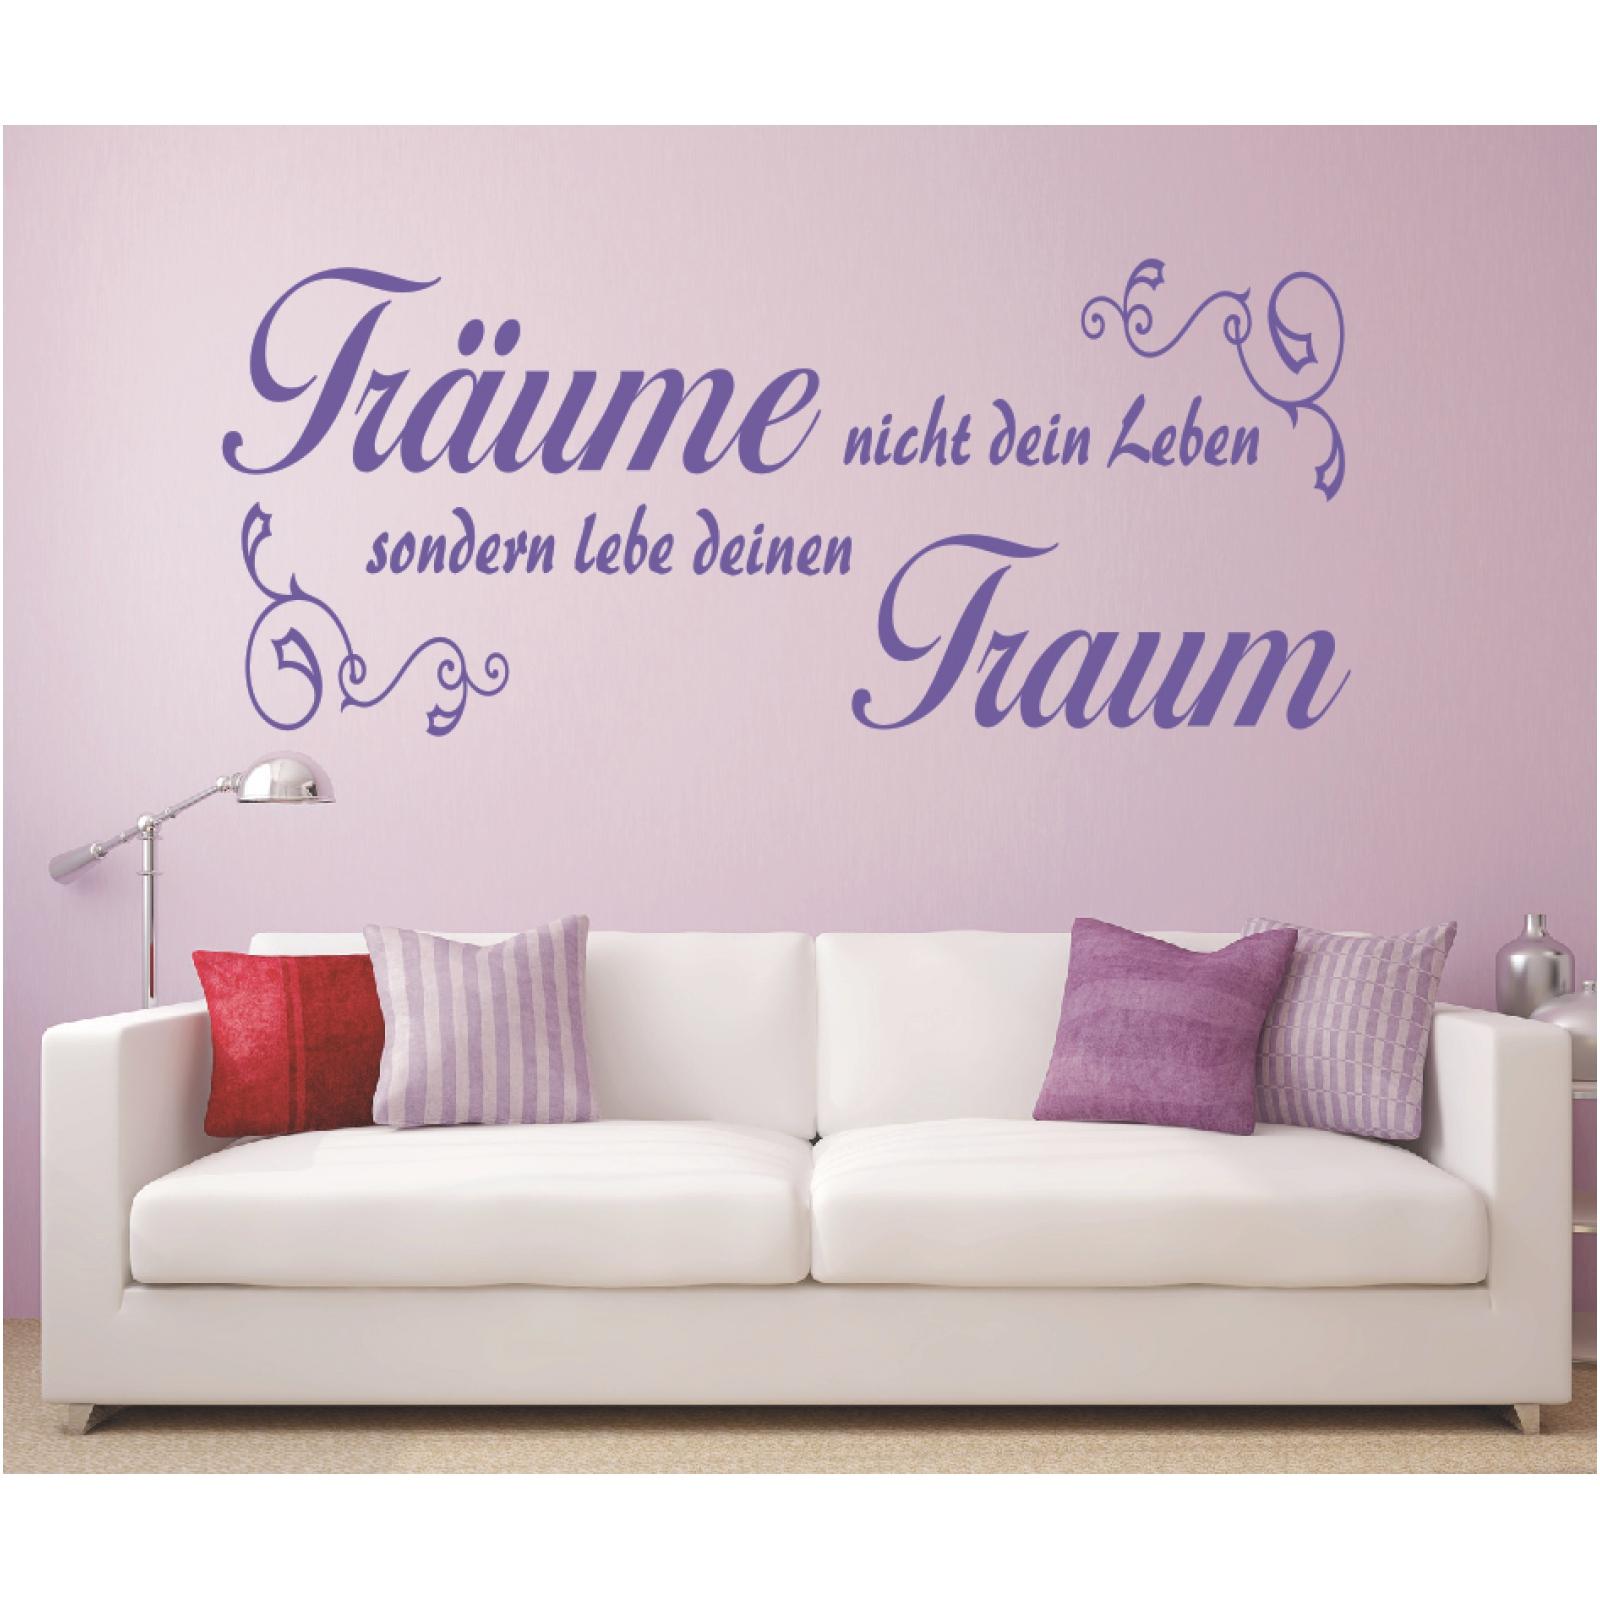 Wandtattoo Spruch  Träume nicht dein Leben Lebe Traum Wandaufkleber Sticker